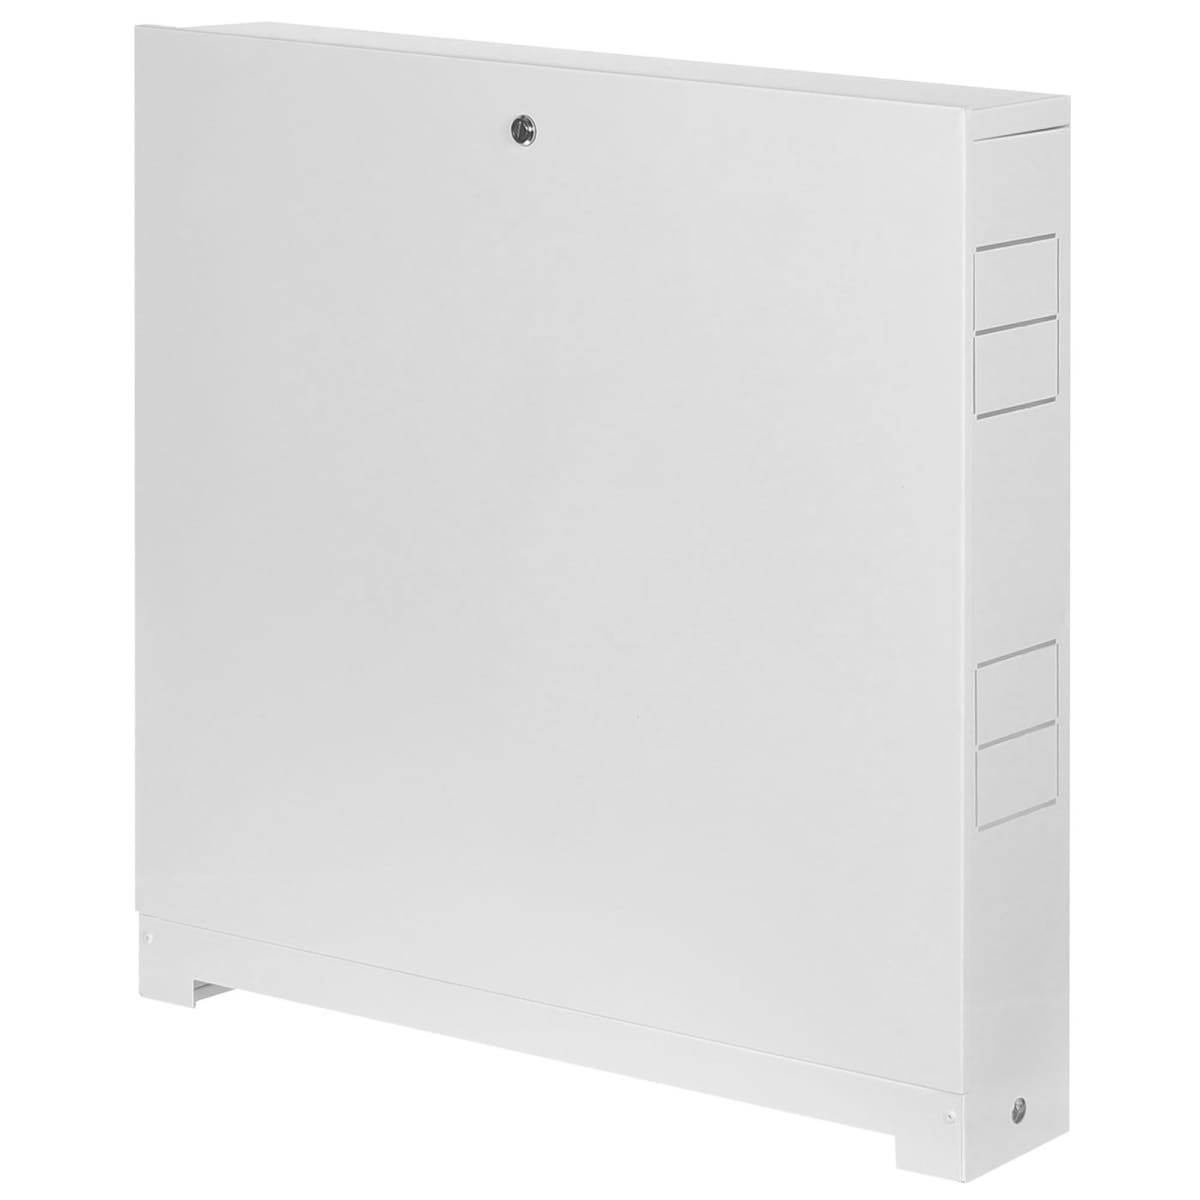 Шкаф коллекторный ШРН-3 наружный 697х118х652-715 мм